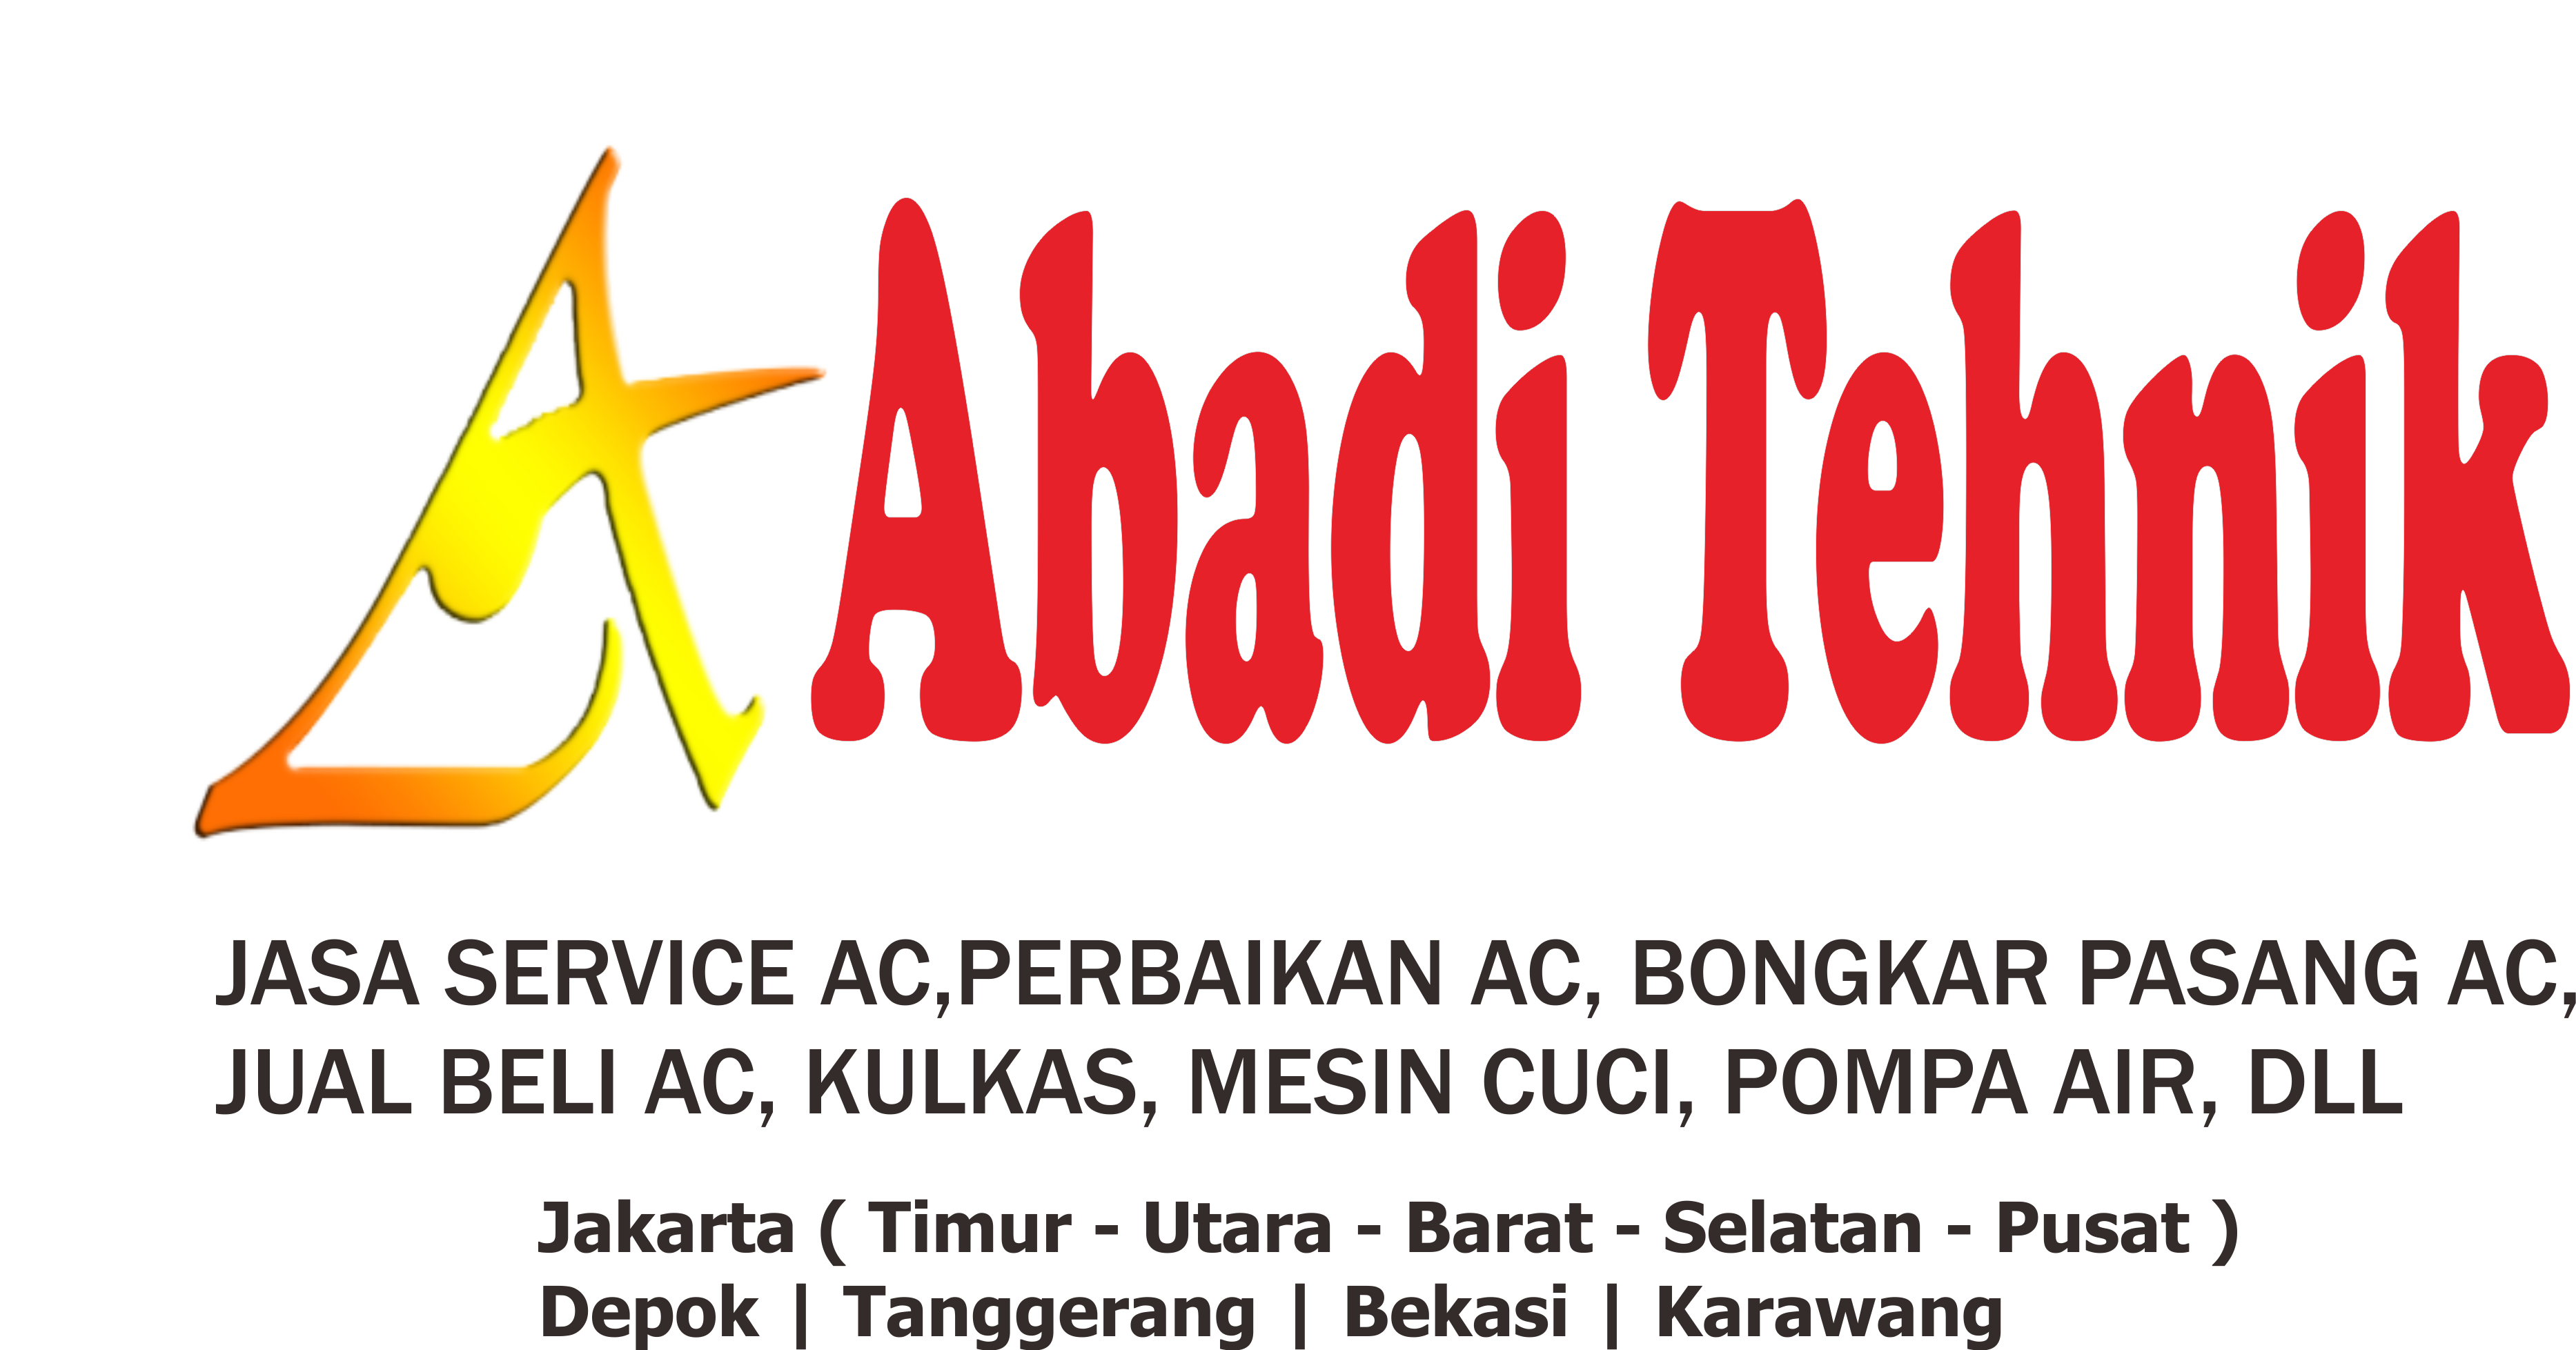 Jasa Service AC | Pemasangan, Perawatan, Bongkar Pasang, Penjualan & Perbaikan AC.